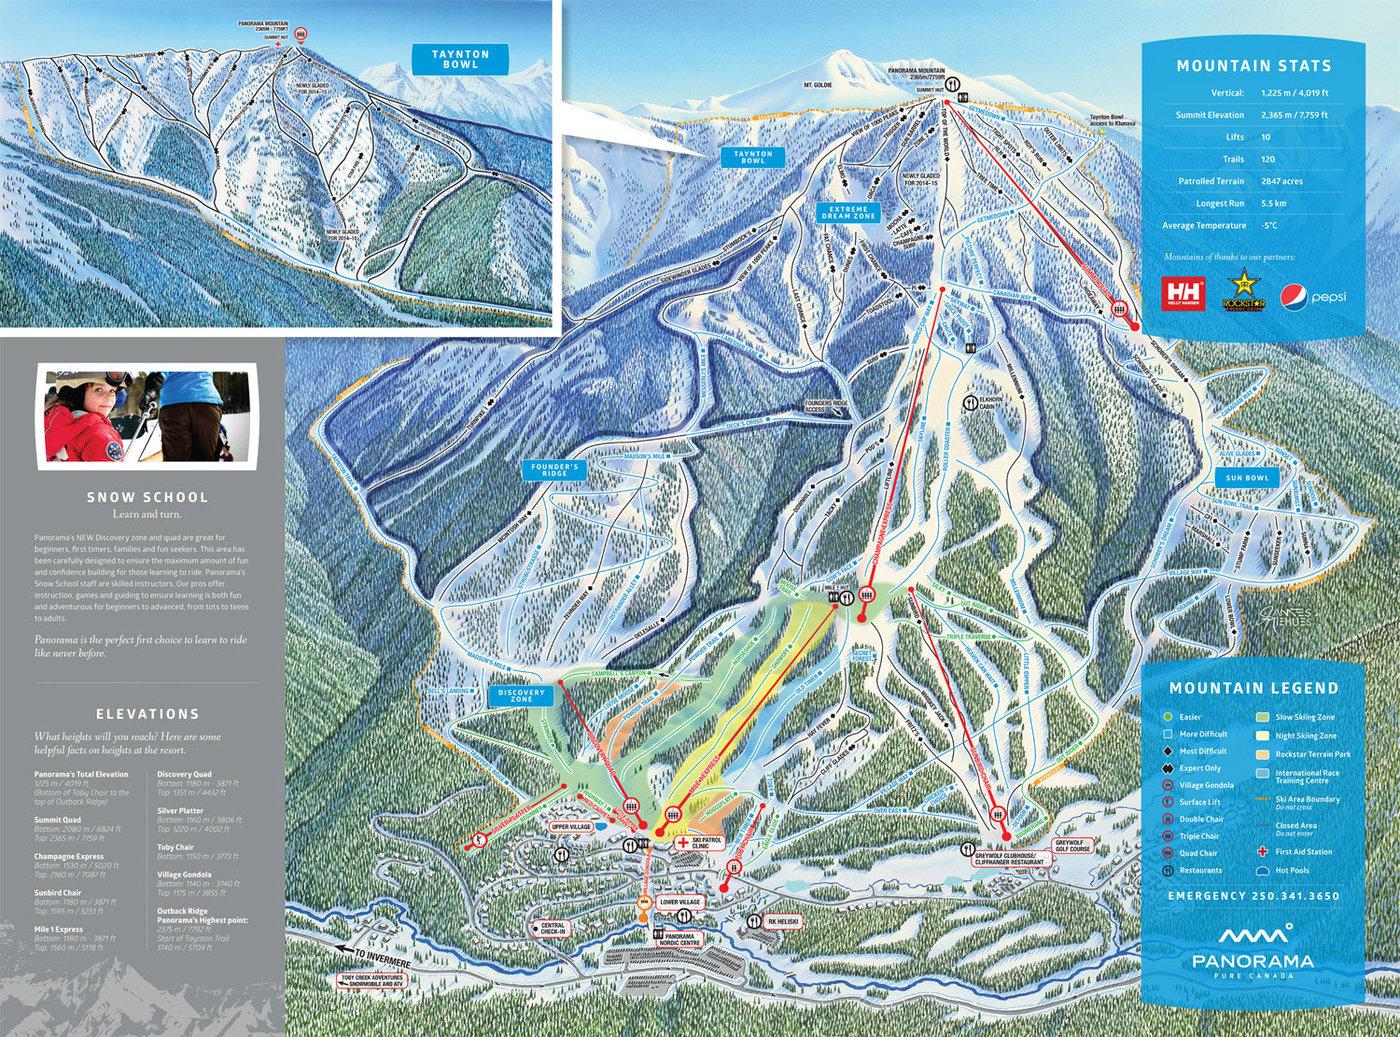 Panorama Mountain Resort Trail Map